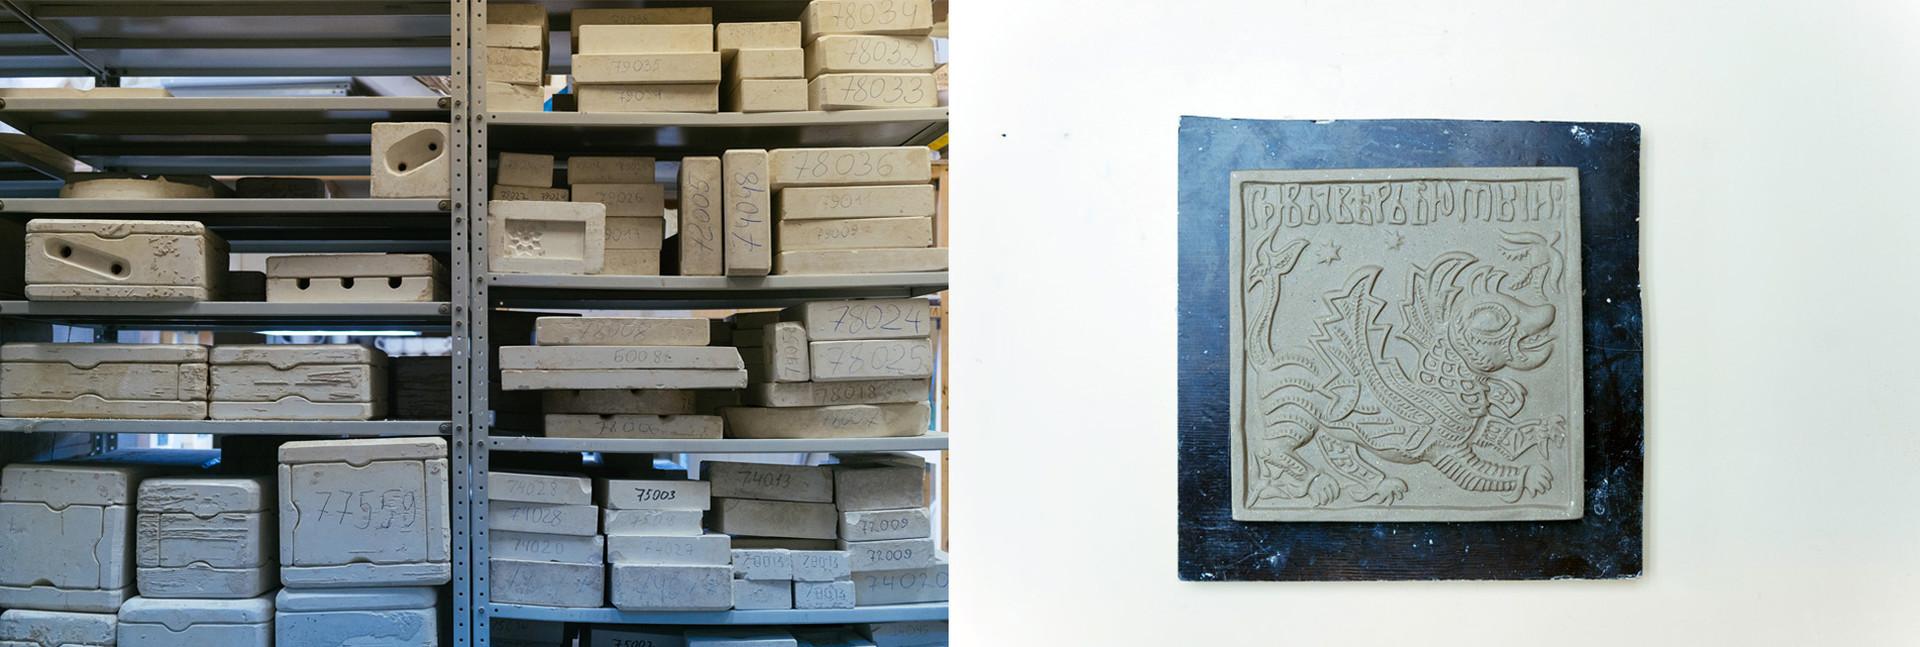 À gauche: variété de motifs pour de futurs carreaux. À droite: un modèle en argile s'apprêtant à être cuit